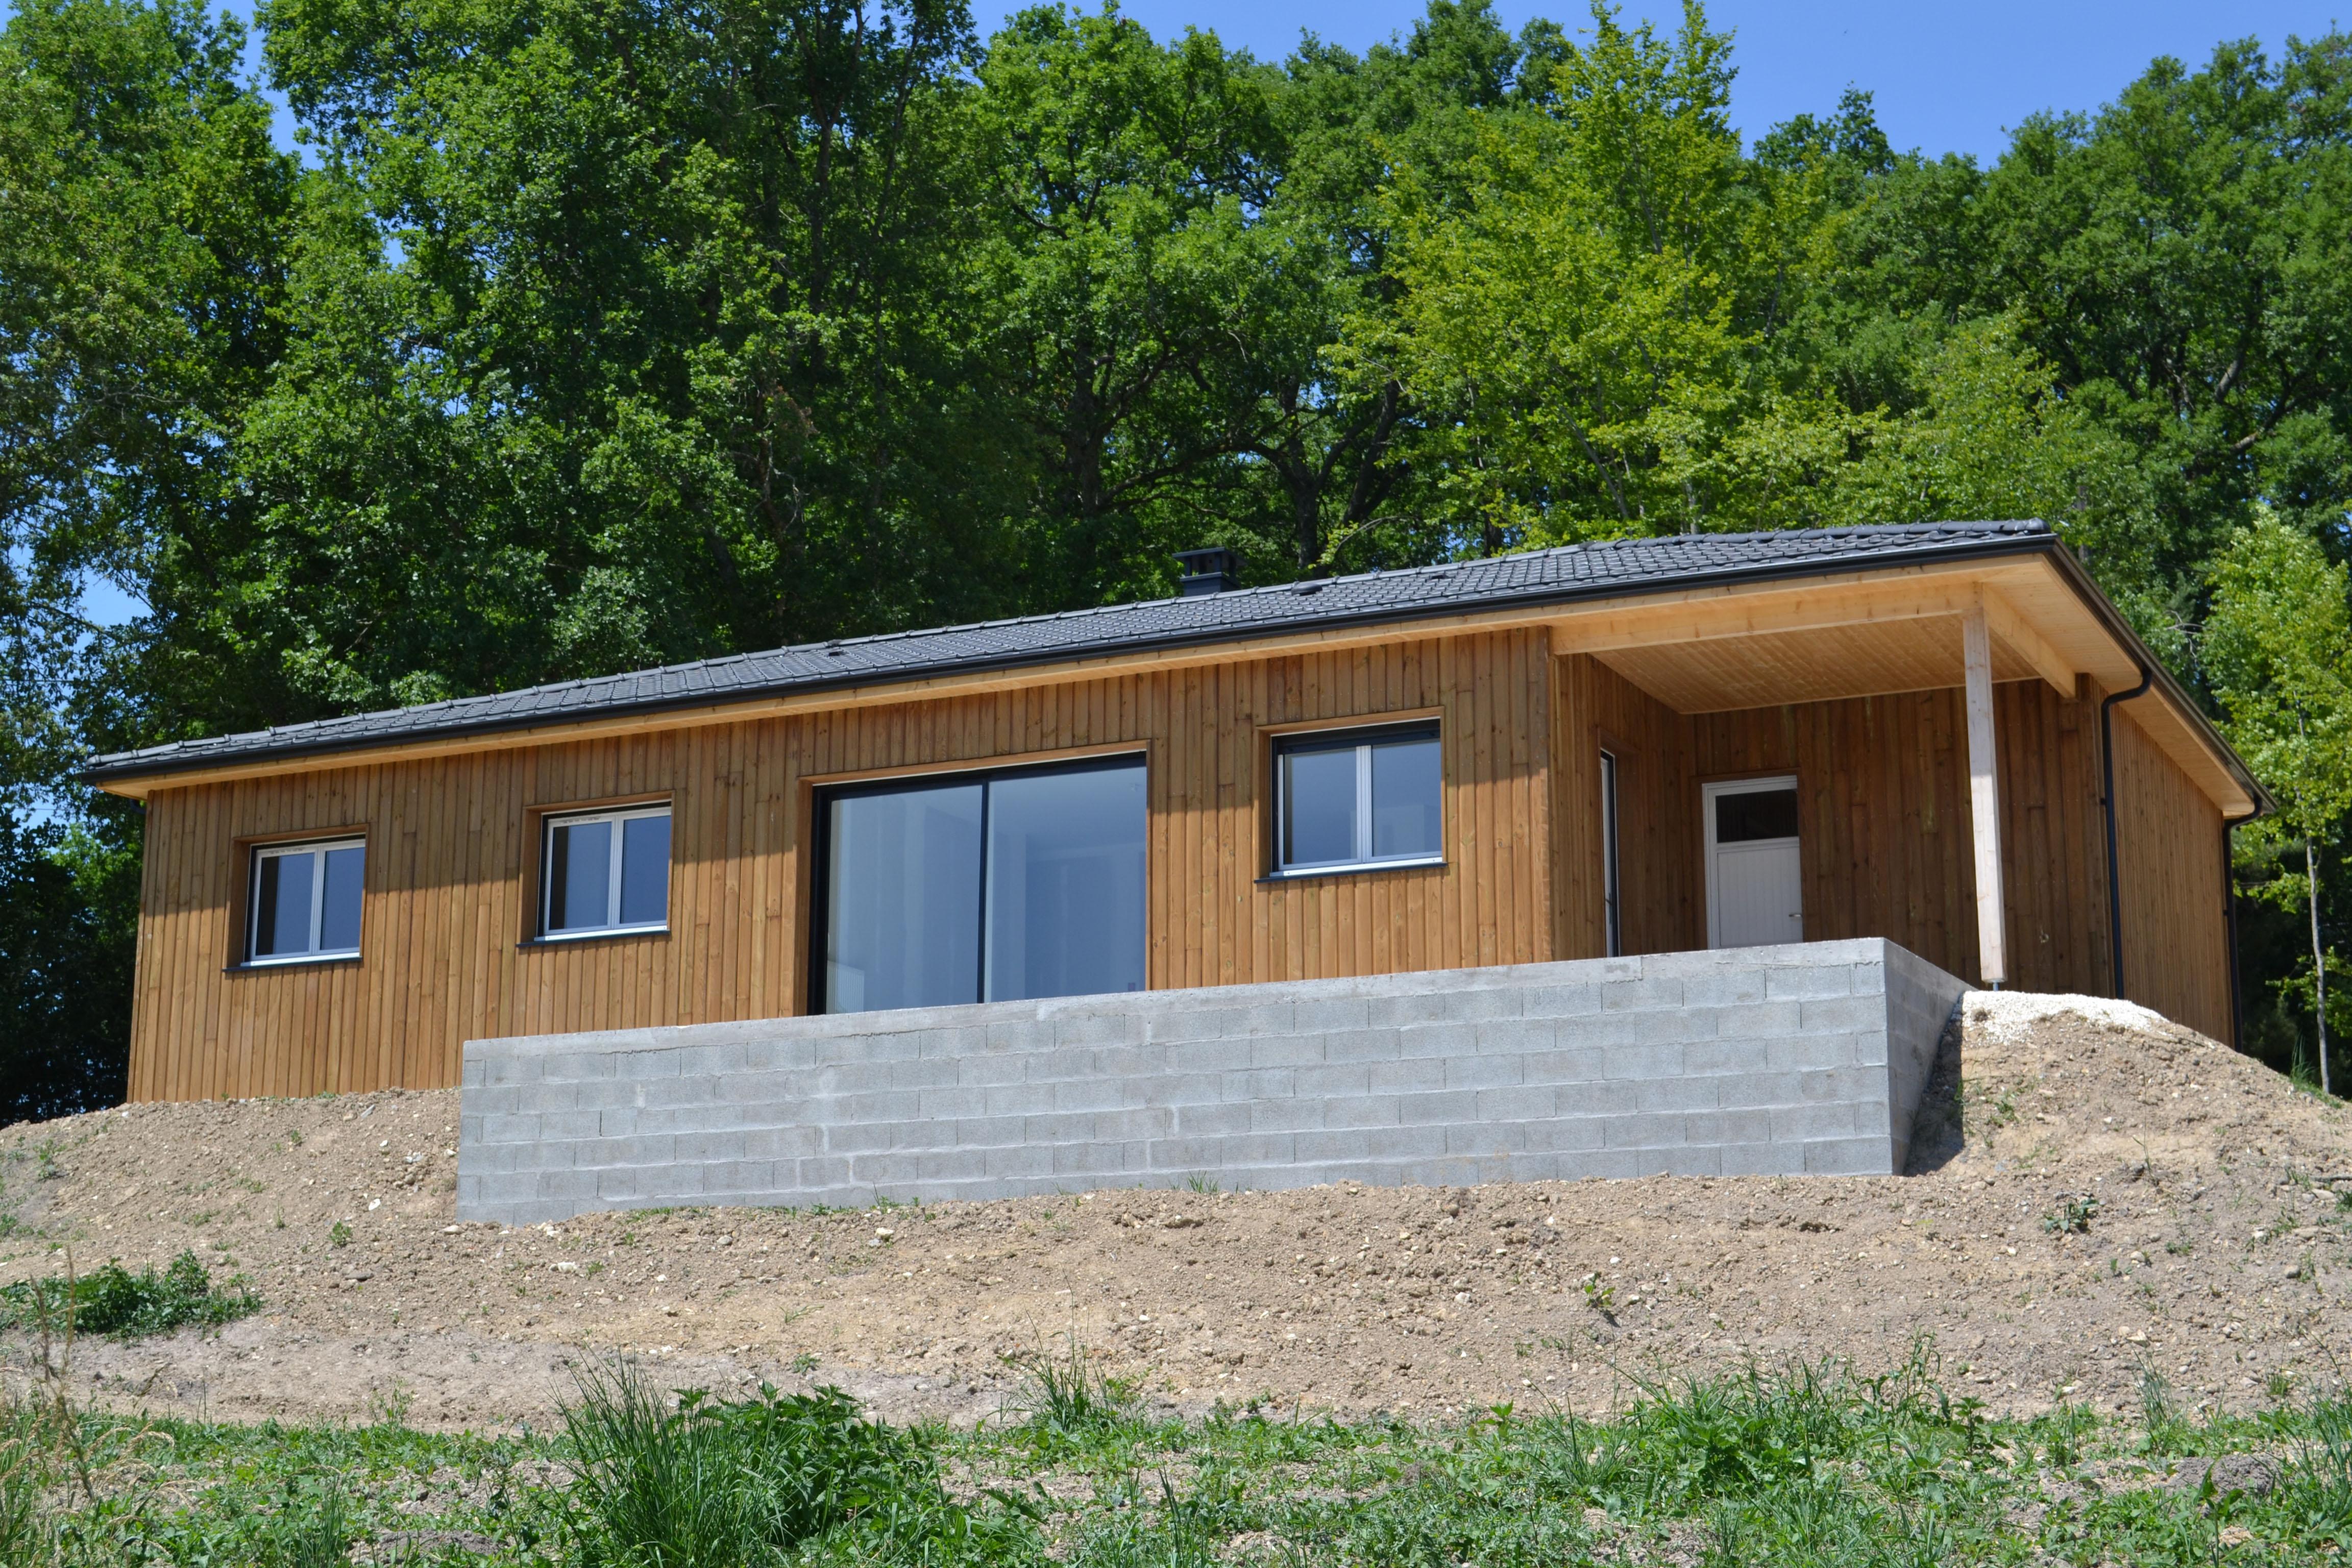 Maison Bois secteur Périgueux maison perigord maisons bois, constructeur de m